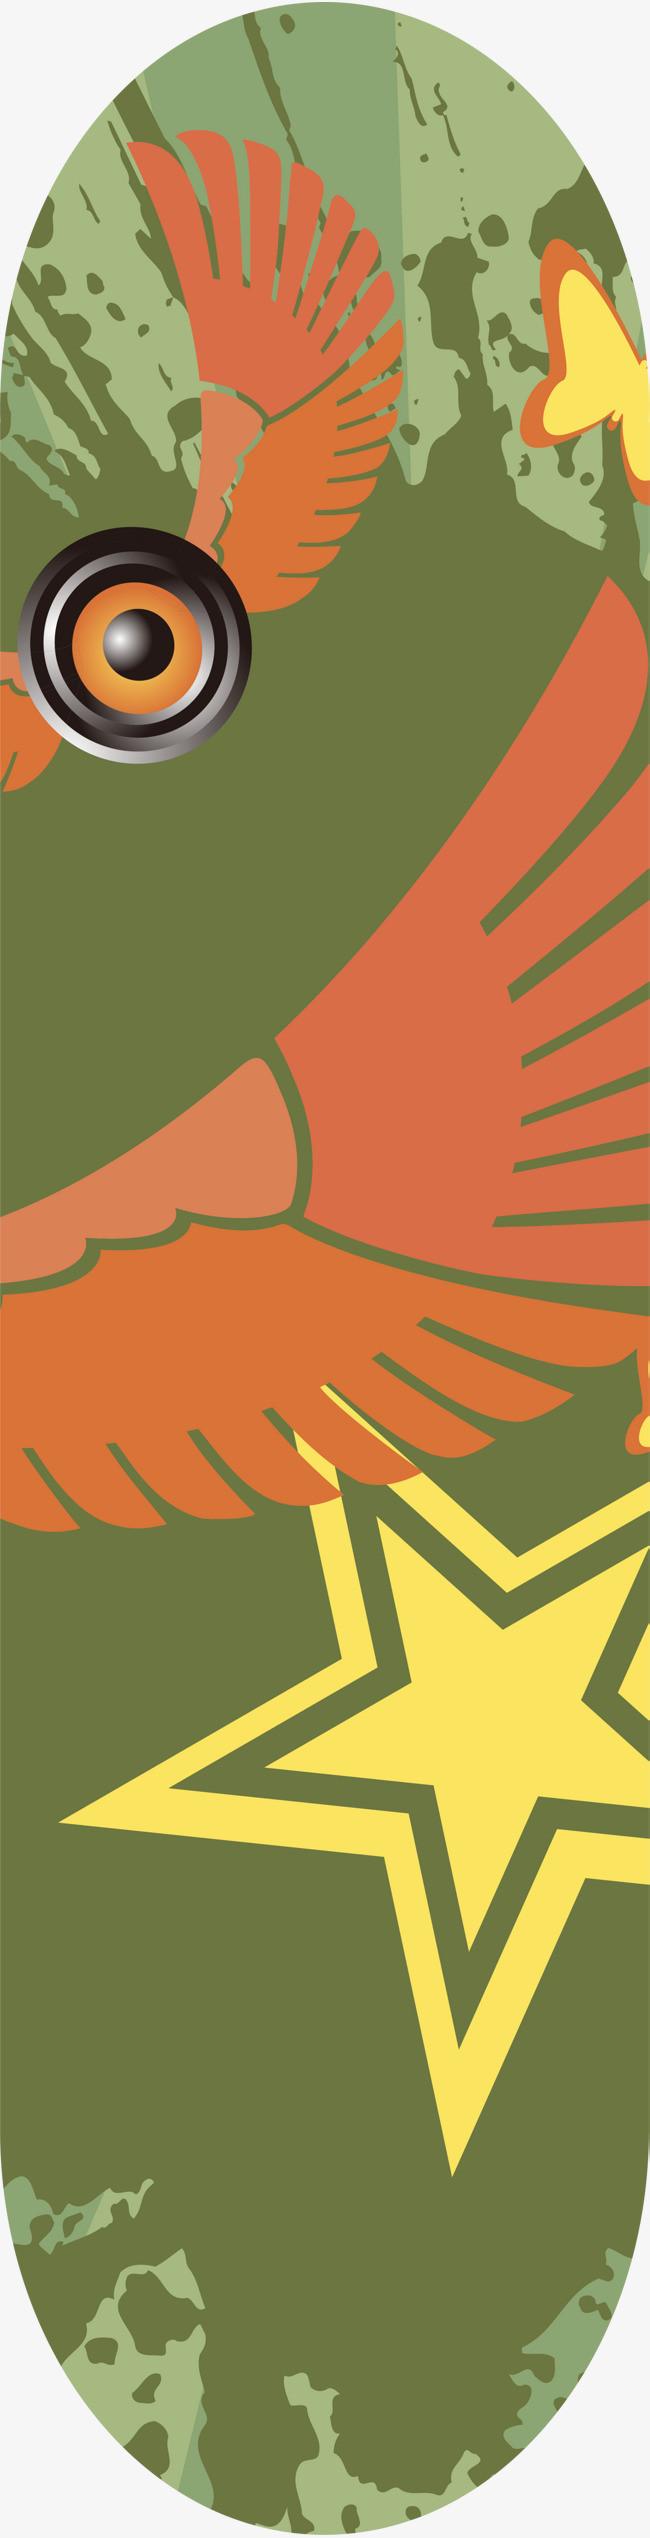 绿色滑板 音响翅膀 卡通图案装饰图案椭圆图案 斑斓花纹免扣素材